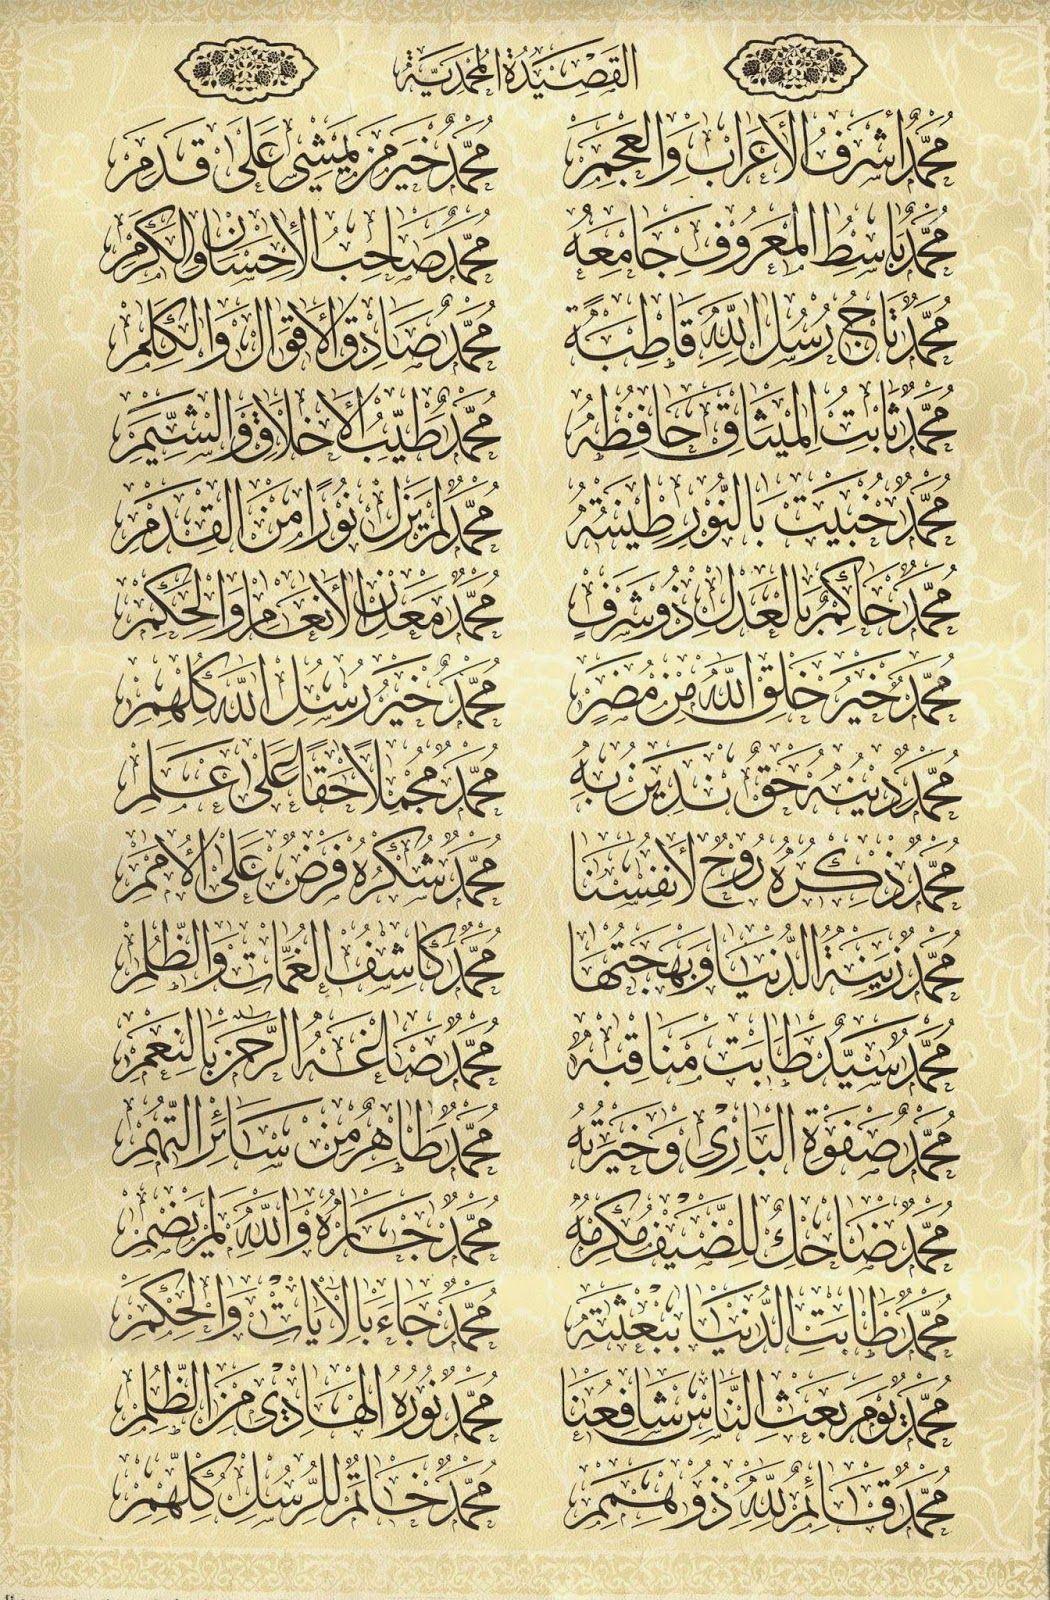 قصيدة البردة للإمام البوصيري Jpg 1050 1600 Islamic Calligraphy Islamic Phrases Islamic Messages